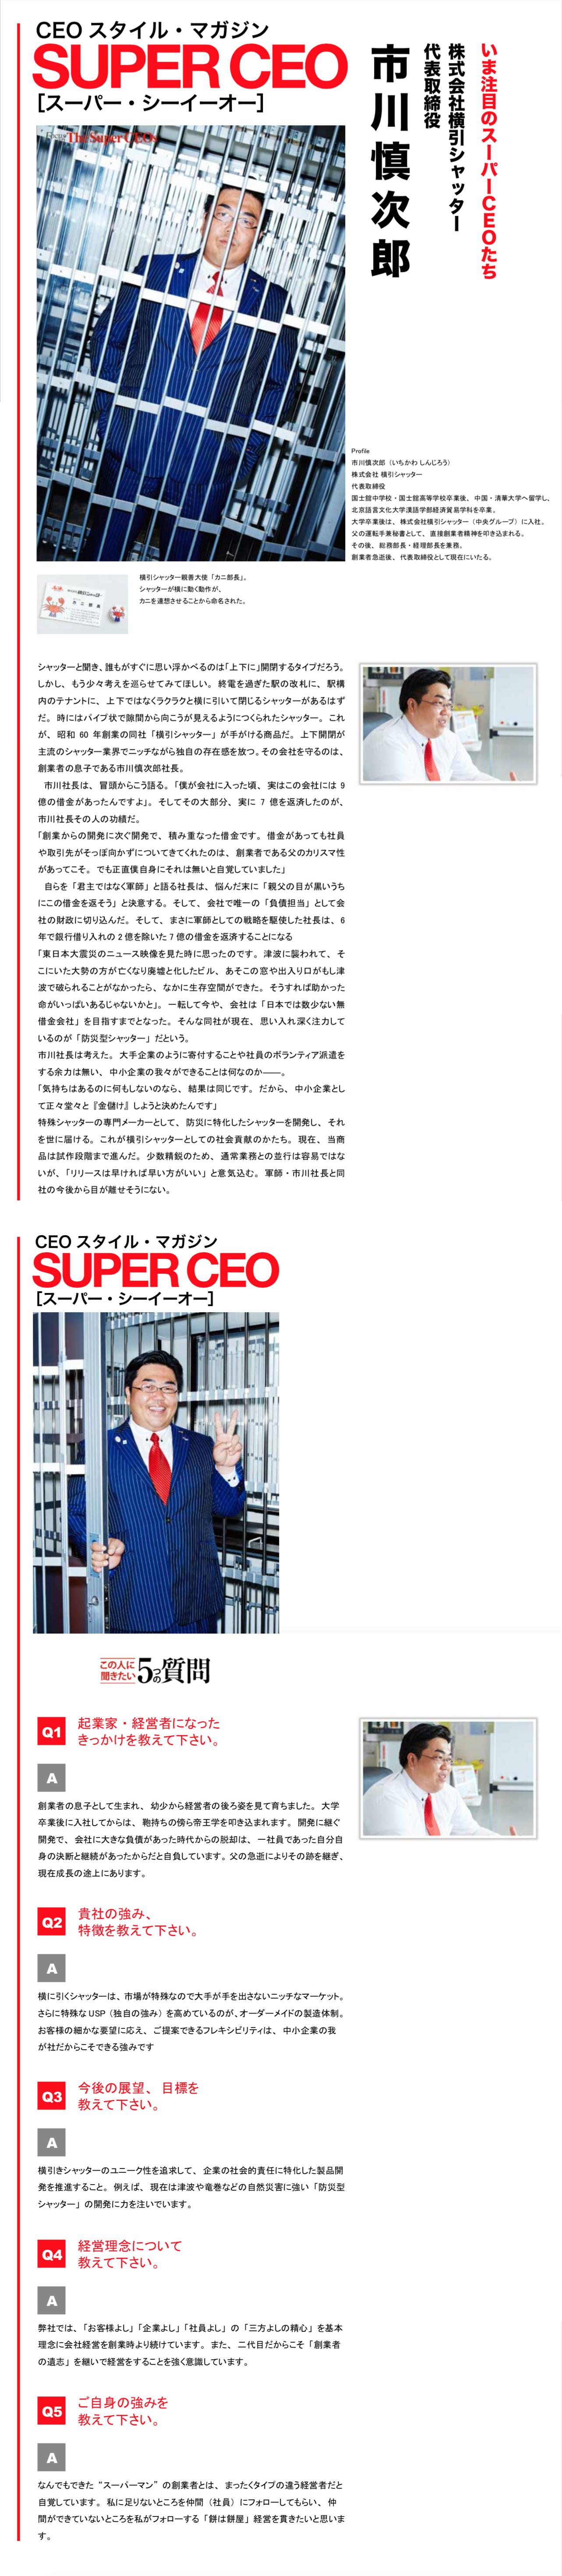 2015年SUPER CEO